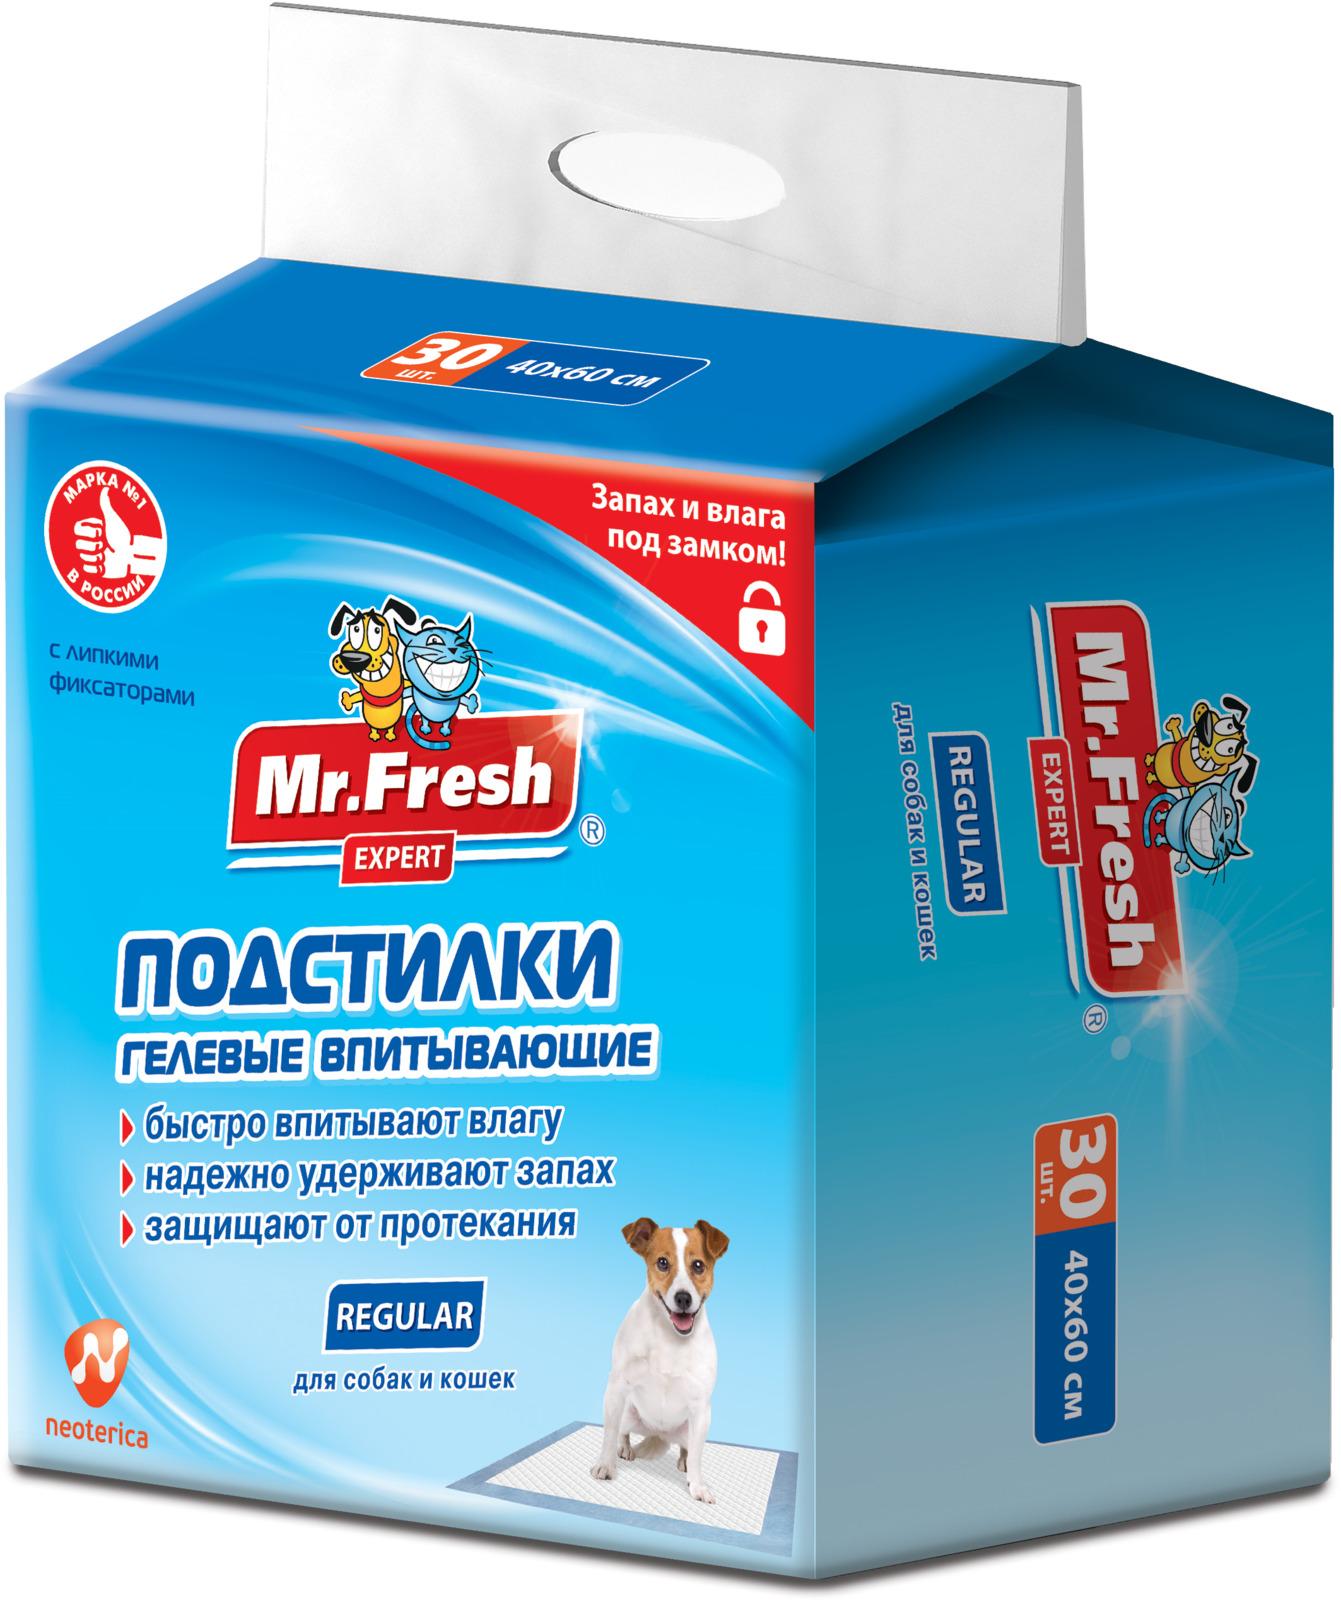 Пеленка-подстилка для животных Mr.Fresh Expert Regular, впитывающая, гелевый наполнитель, 40 х 60 см, 30 шт